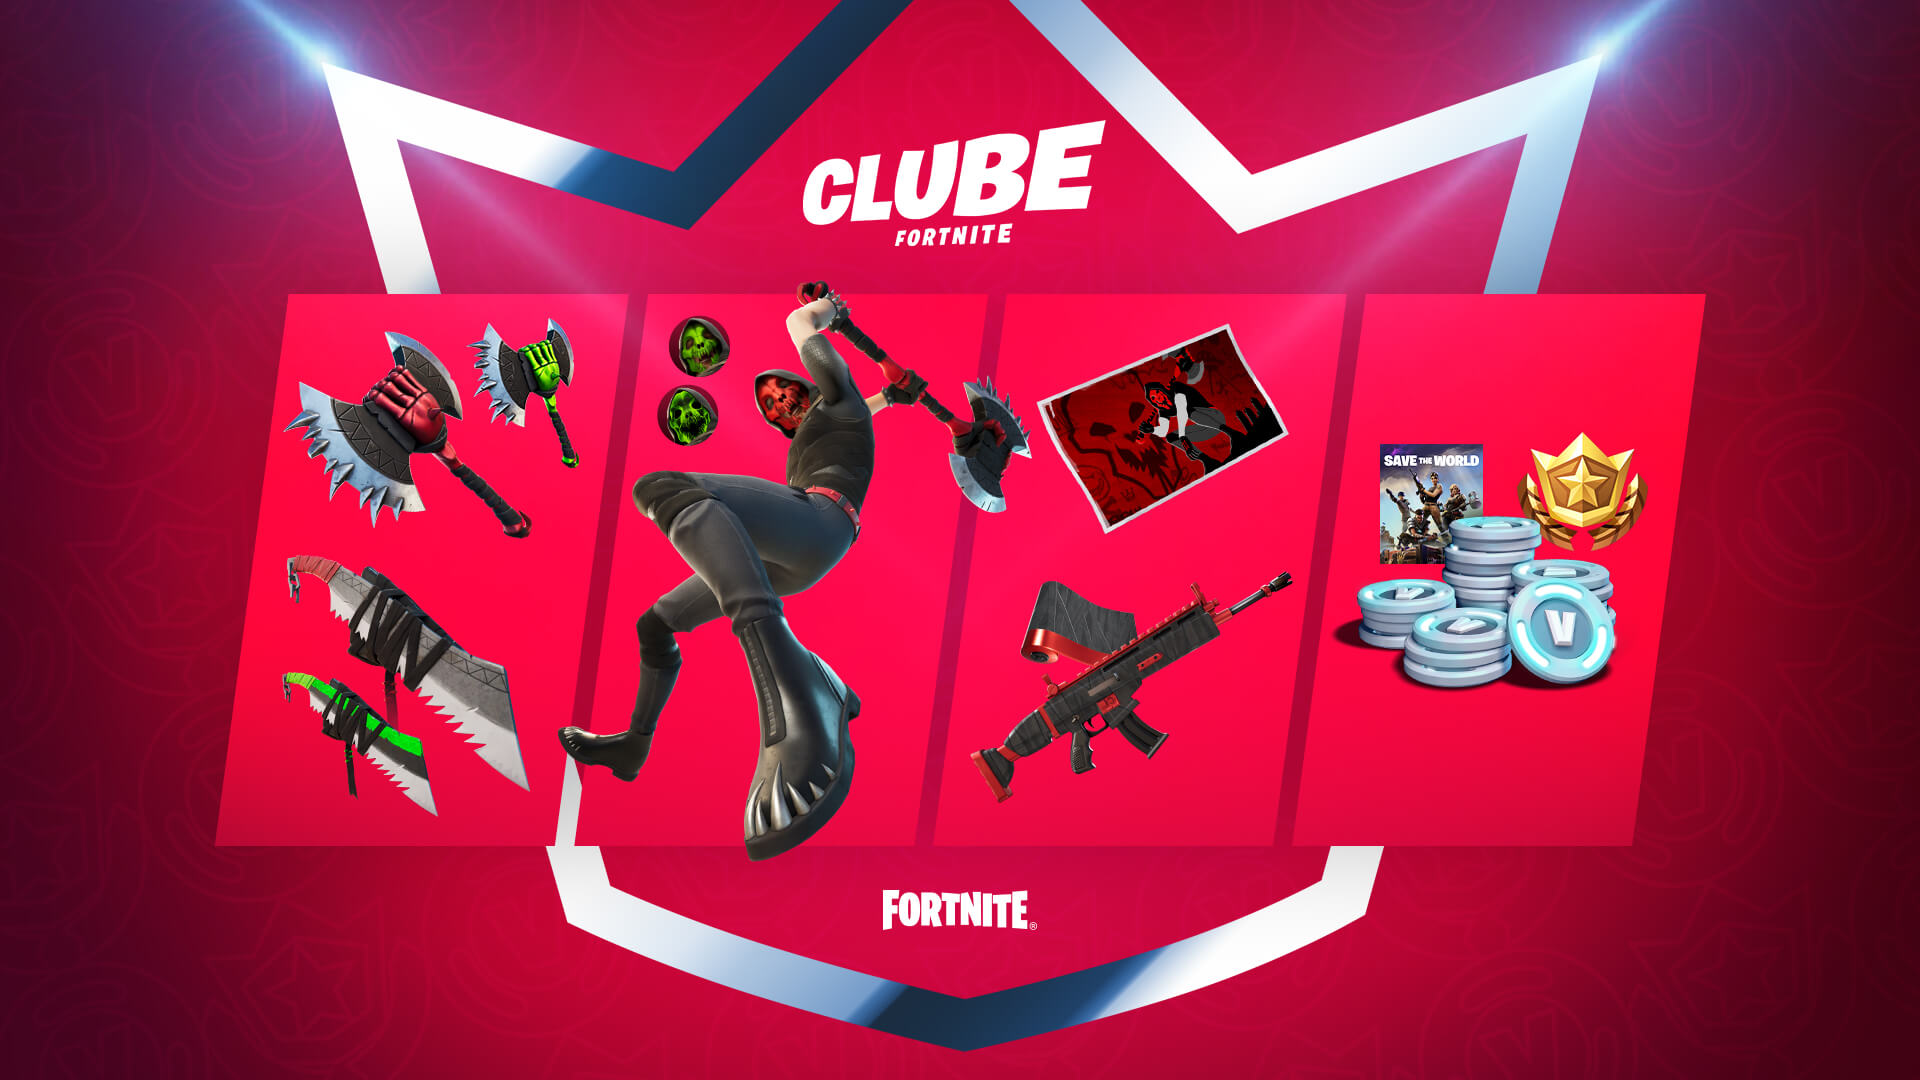 Clube Fortnite